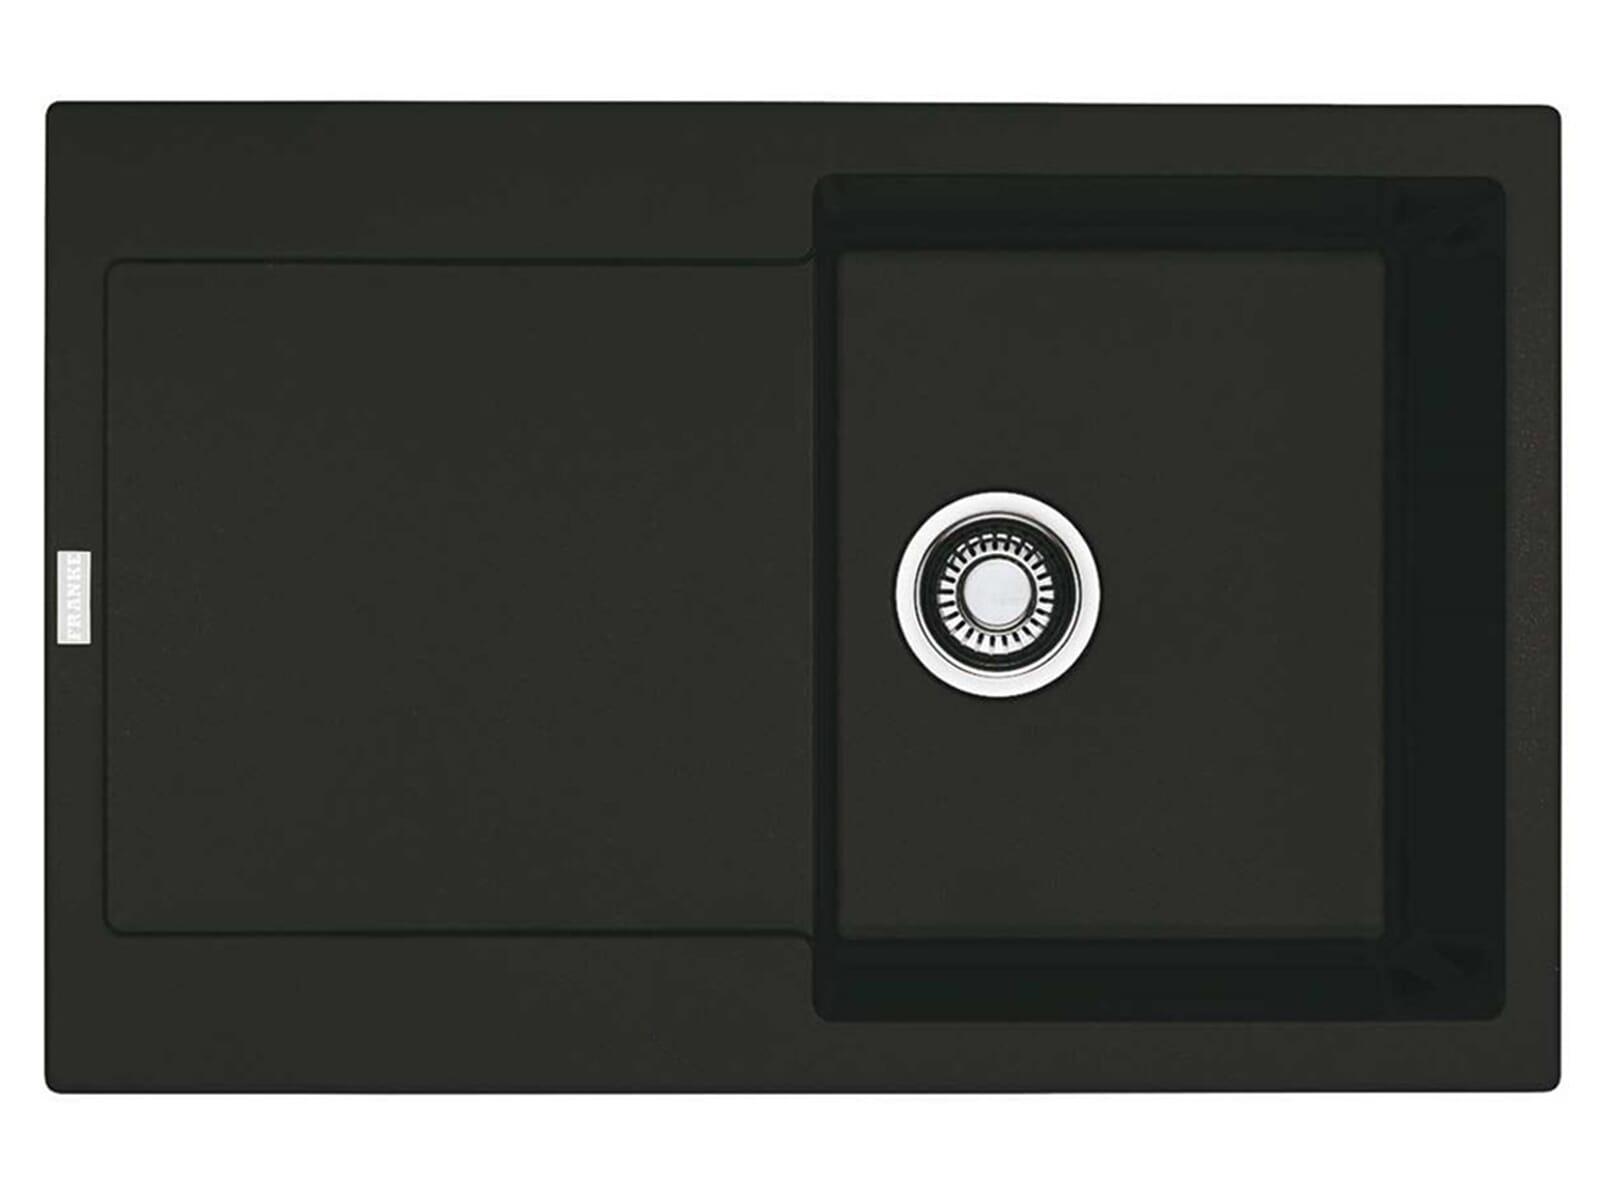 franke maris mrg 611 onyx granitsp le druckknopfventil. Black Bedroom Furniture Sets. Home Design Ideas